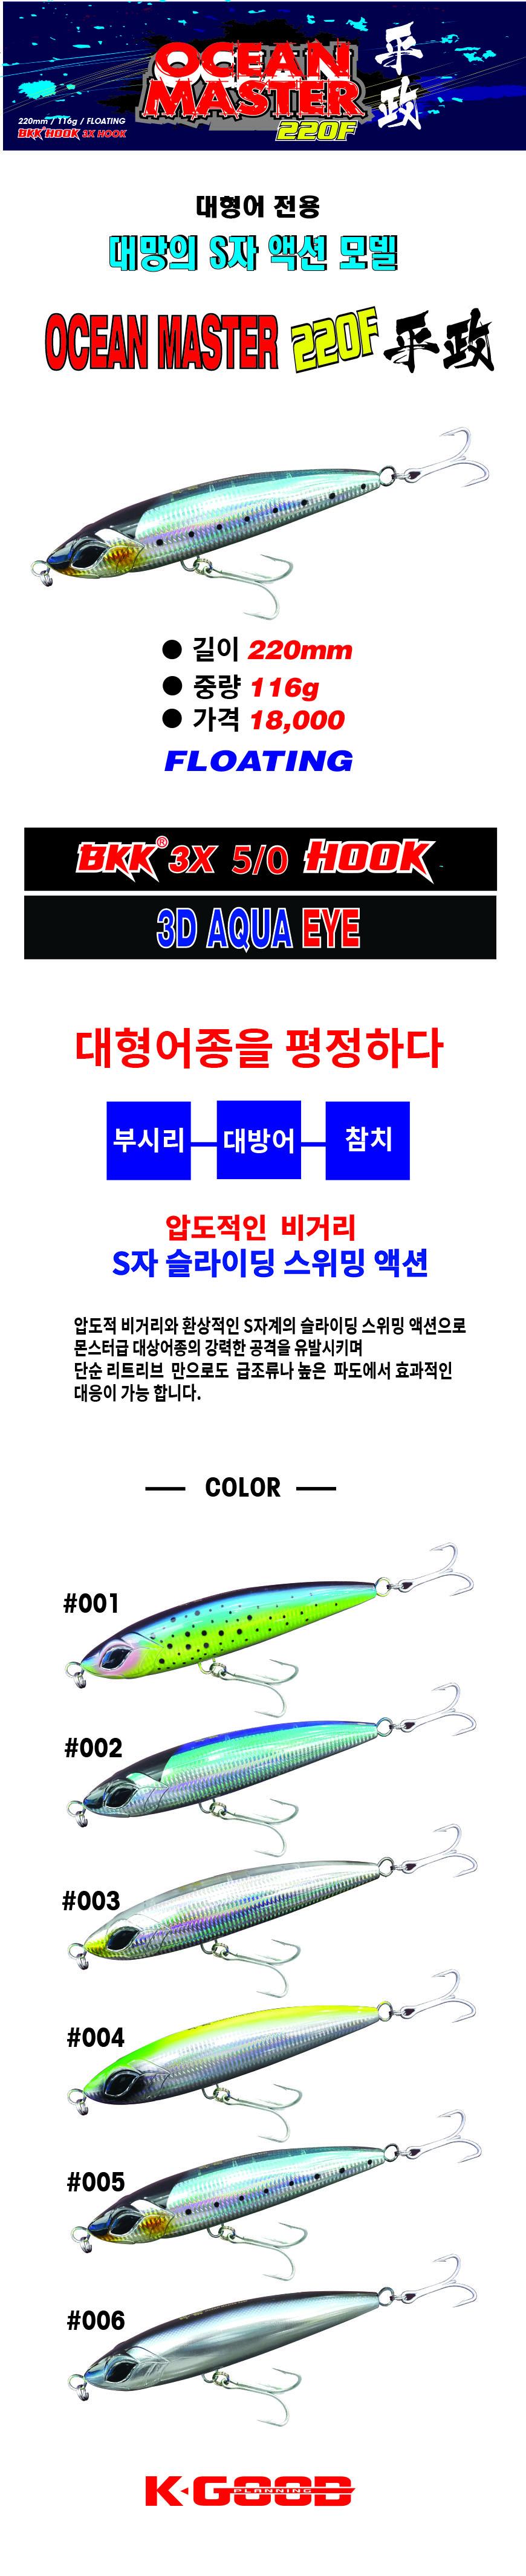 f609ba46bcb5f6e12950825160af6431_1595825067_386.jpg